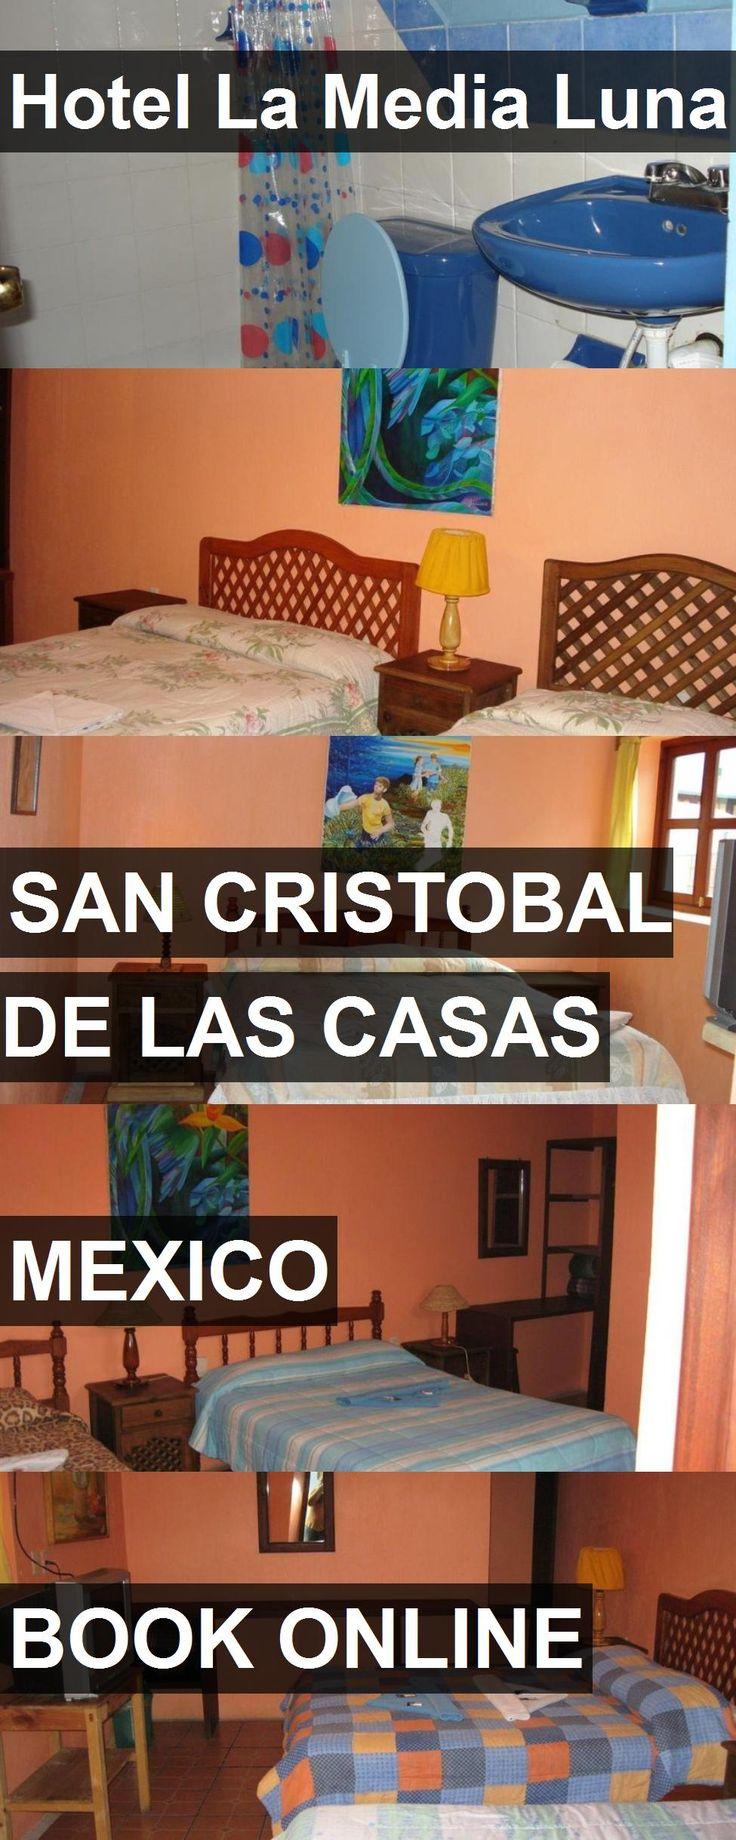 Hotel La Media Luna in San Cristobal de las Casas, Mexico. For more information, photos, reviews and best prices please follow the link. #Mexico #SanCristobaldelasCasas #travel #vacation #hotel